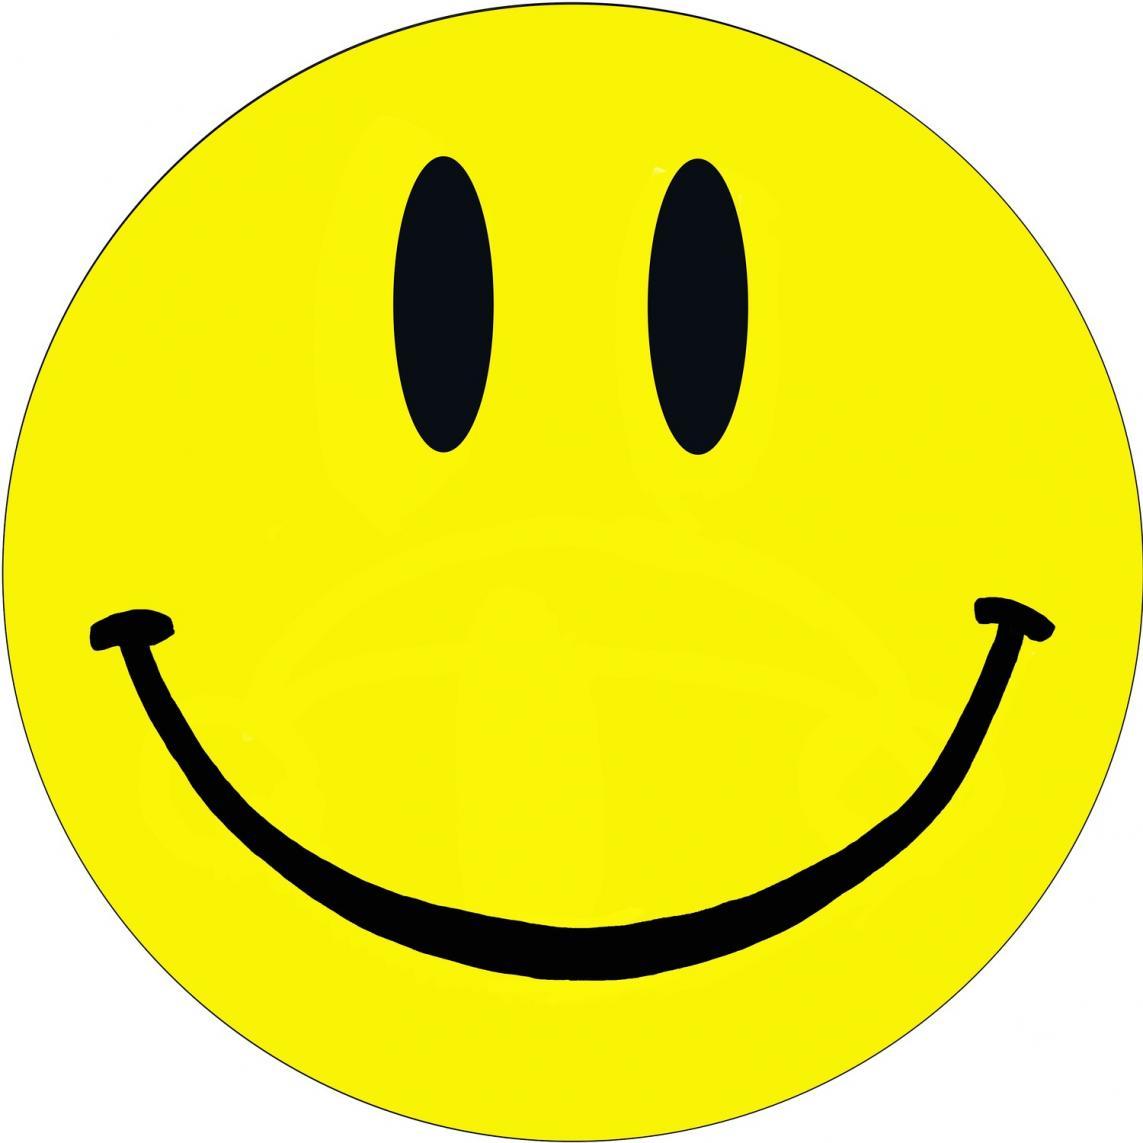 Smileys clipart happy emoji Inspiration Cliparts Emoticon Smiley Clipart